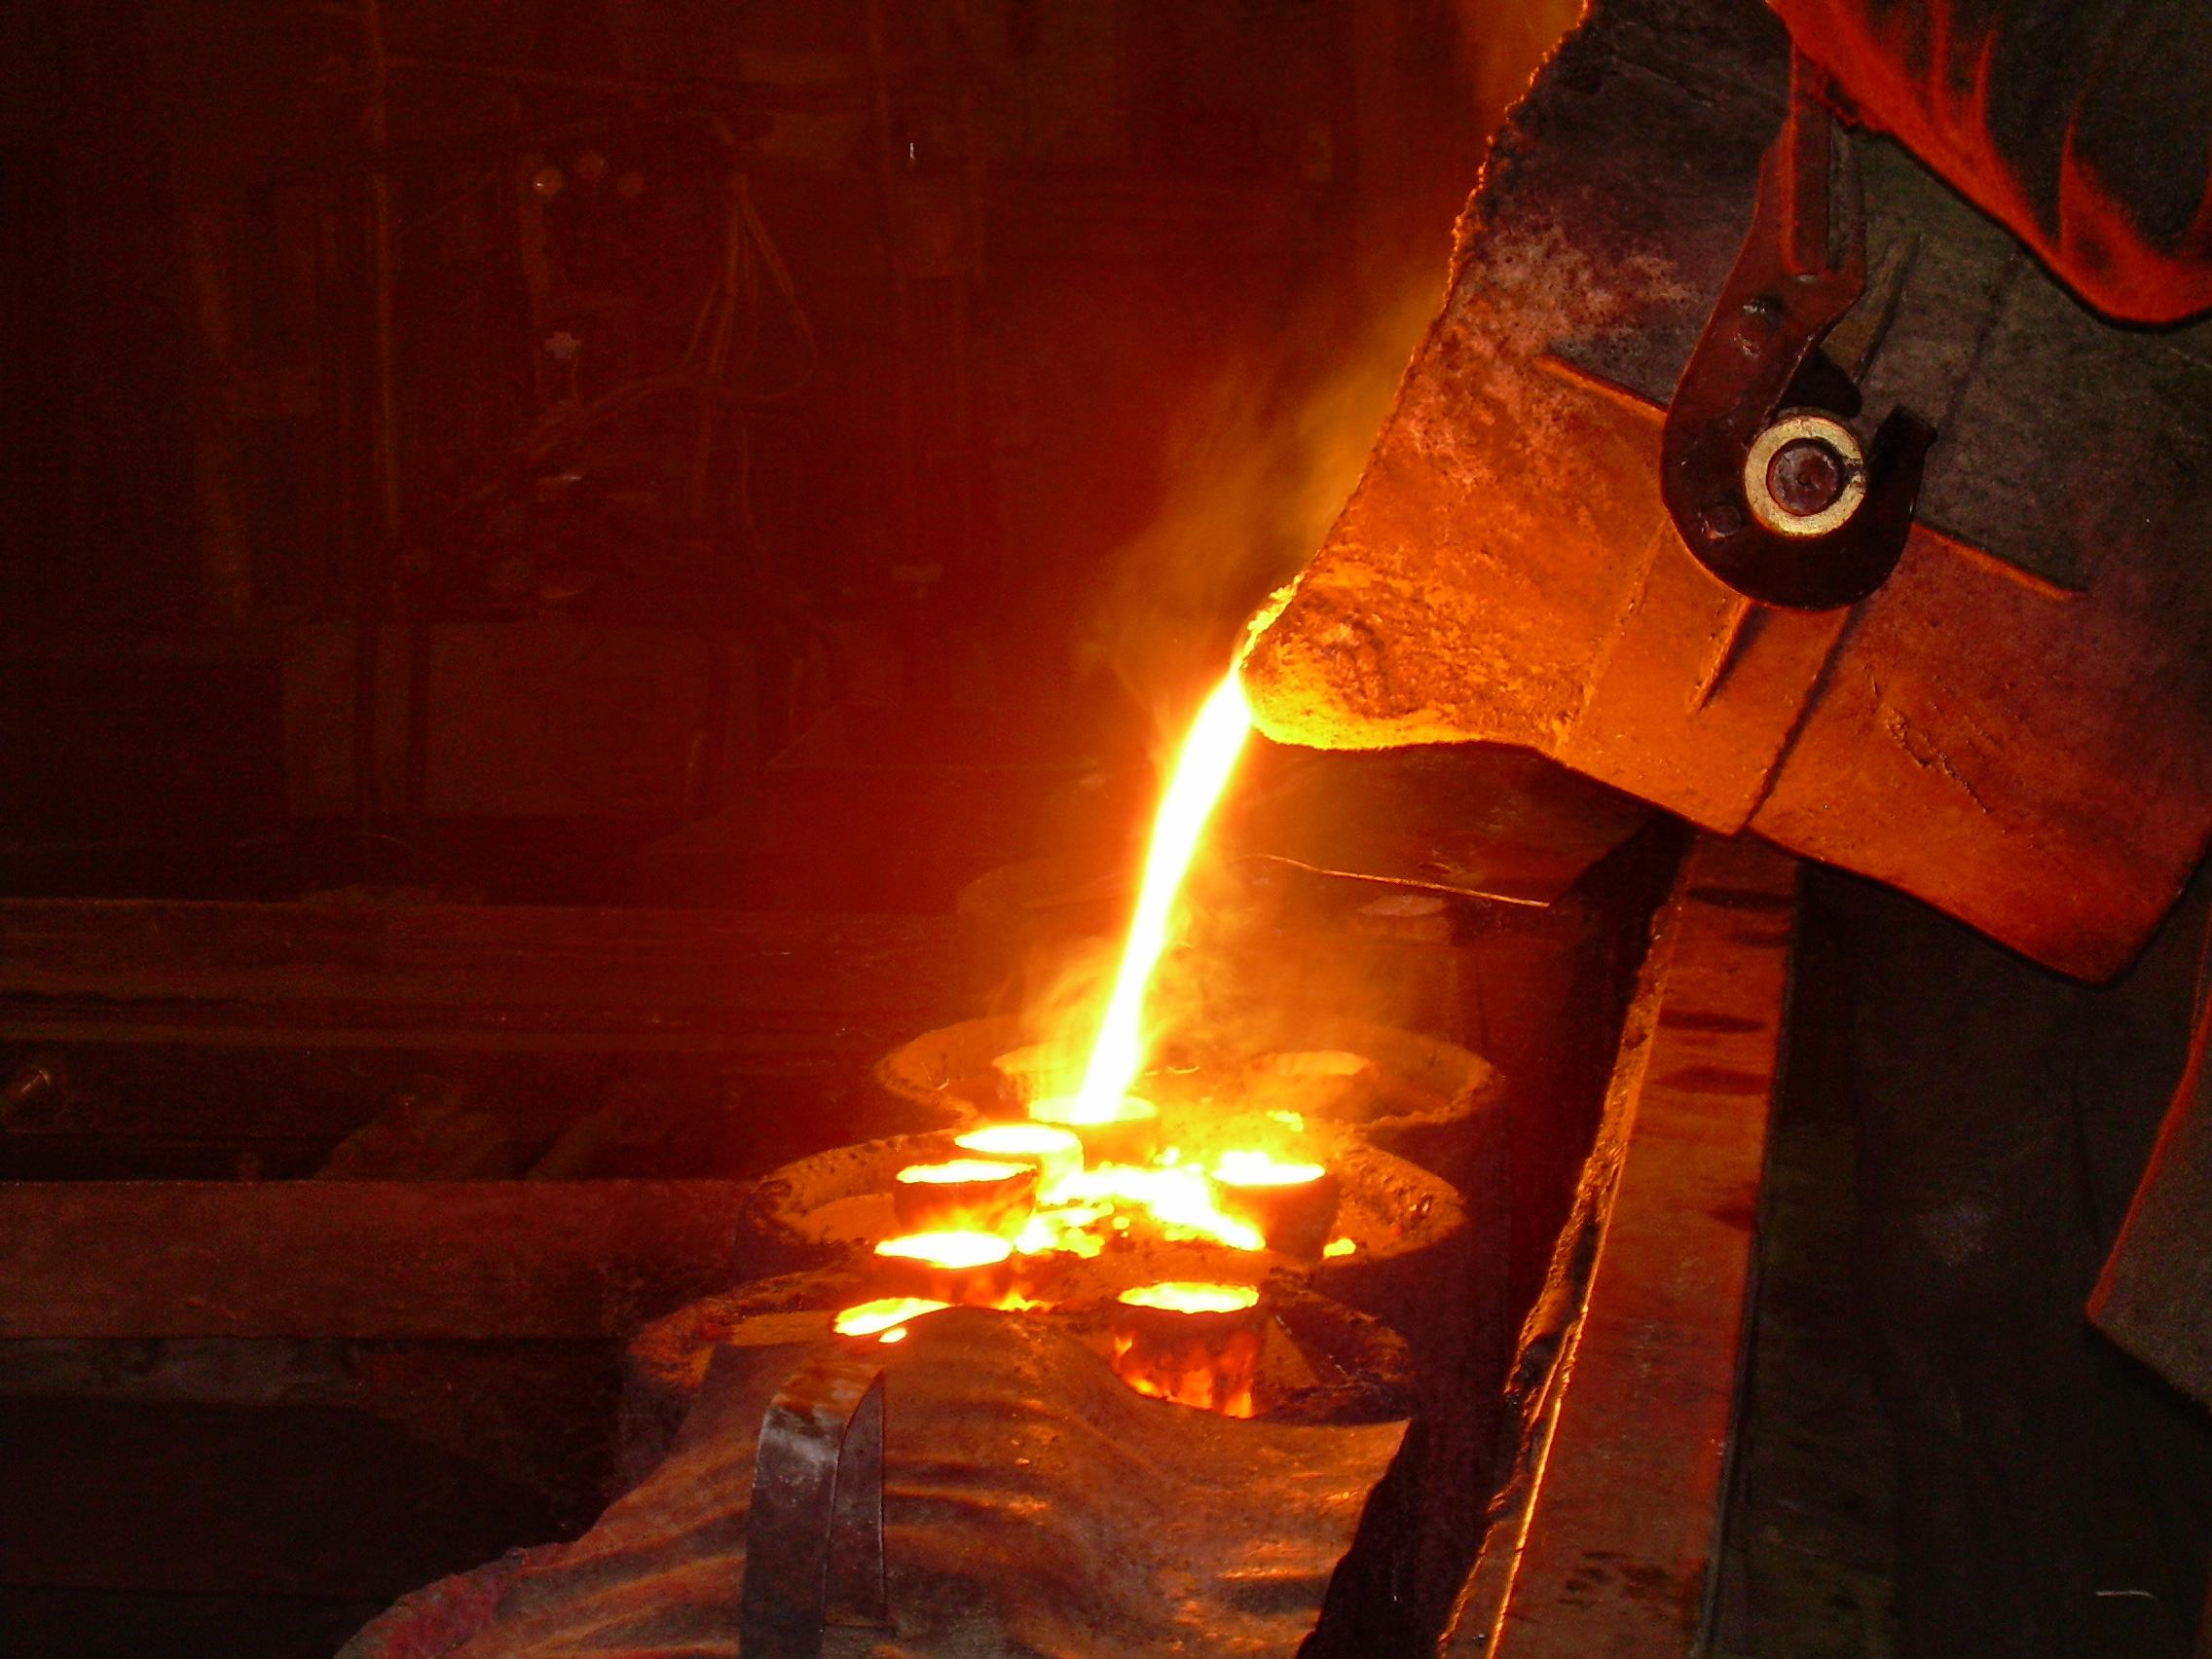 Печи для литья чугуна - металлы и металлообработка